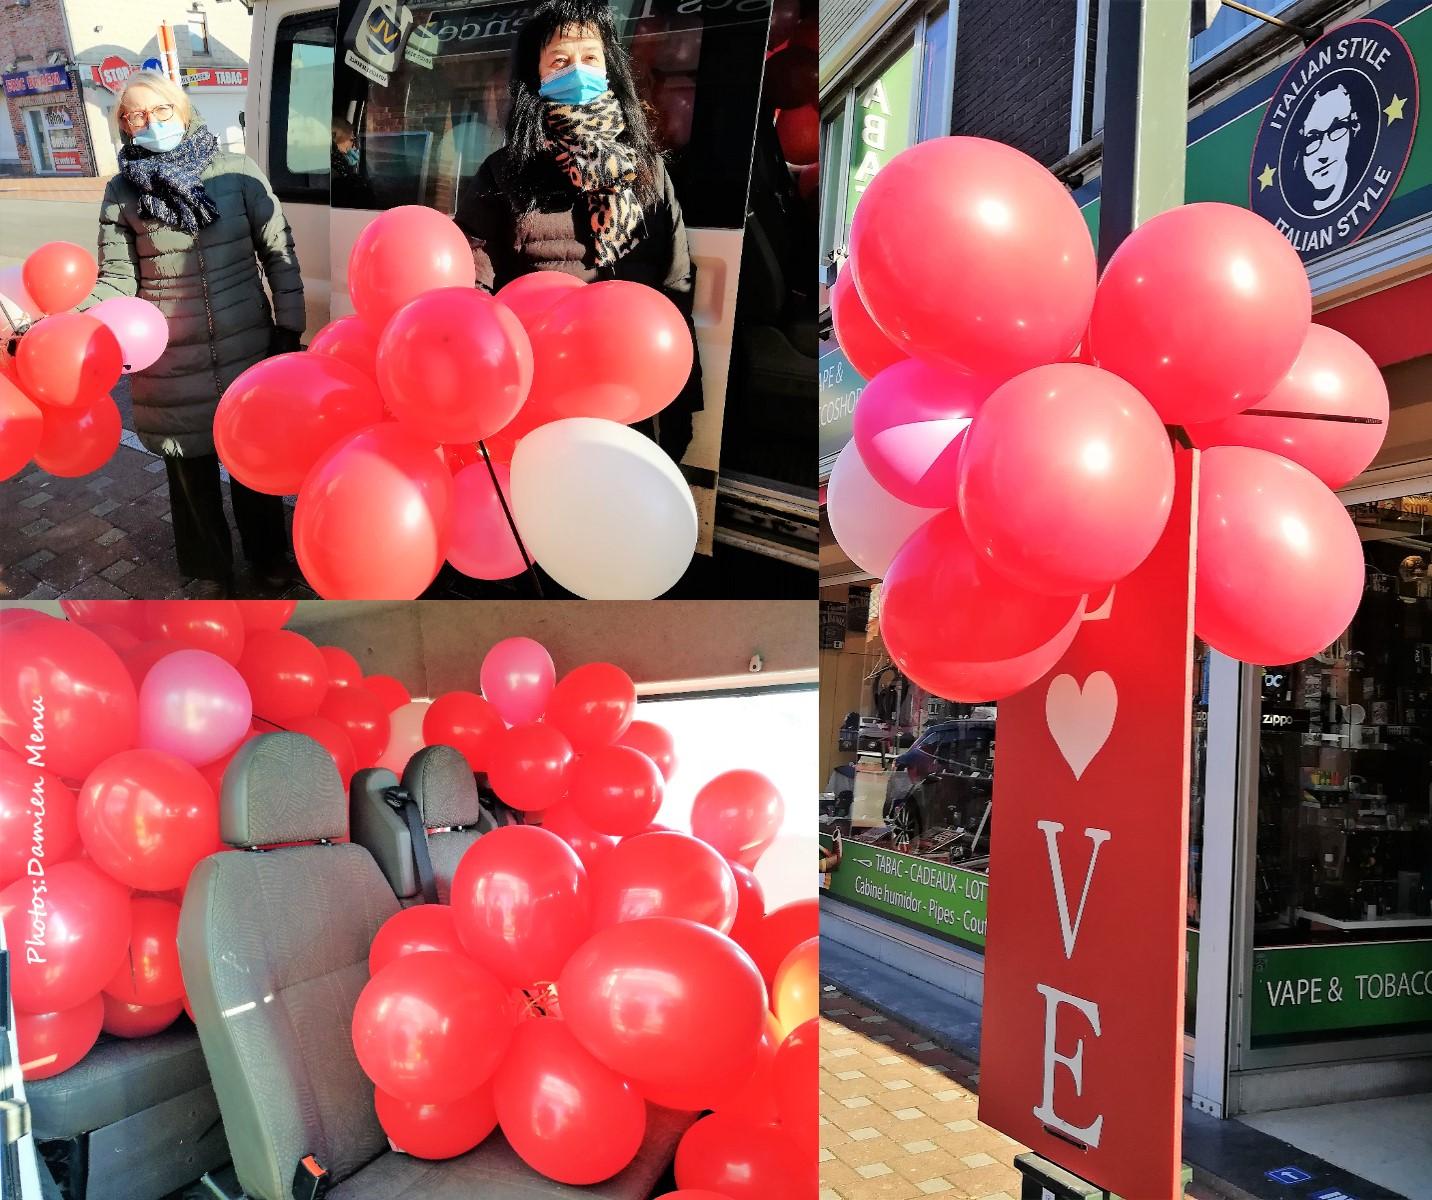 Vive les ballons rouges de la St-Valentin.  Des milliers dans toute l'entité de Comines-Warneton.